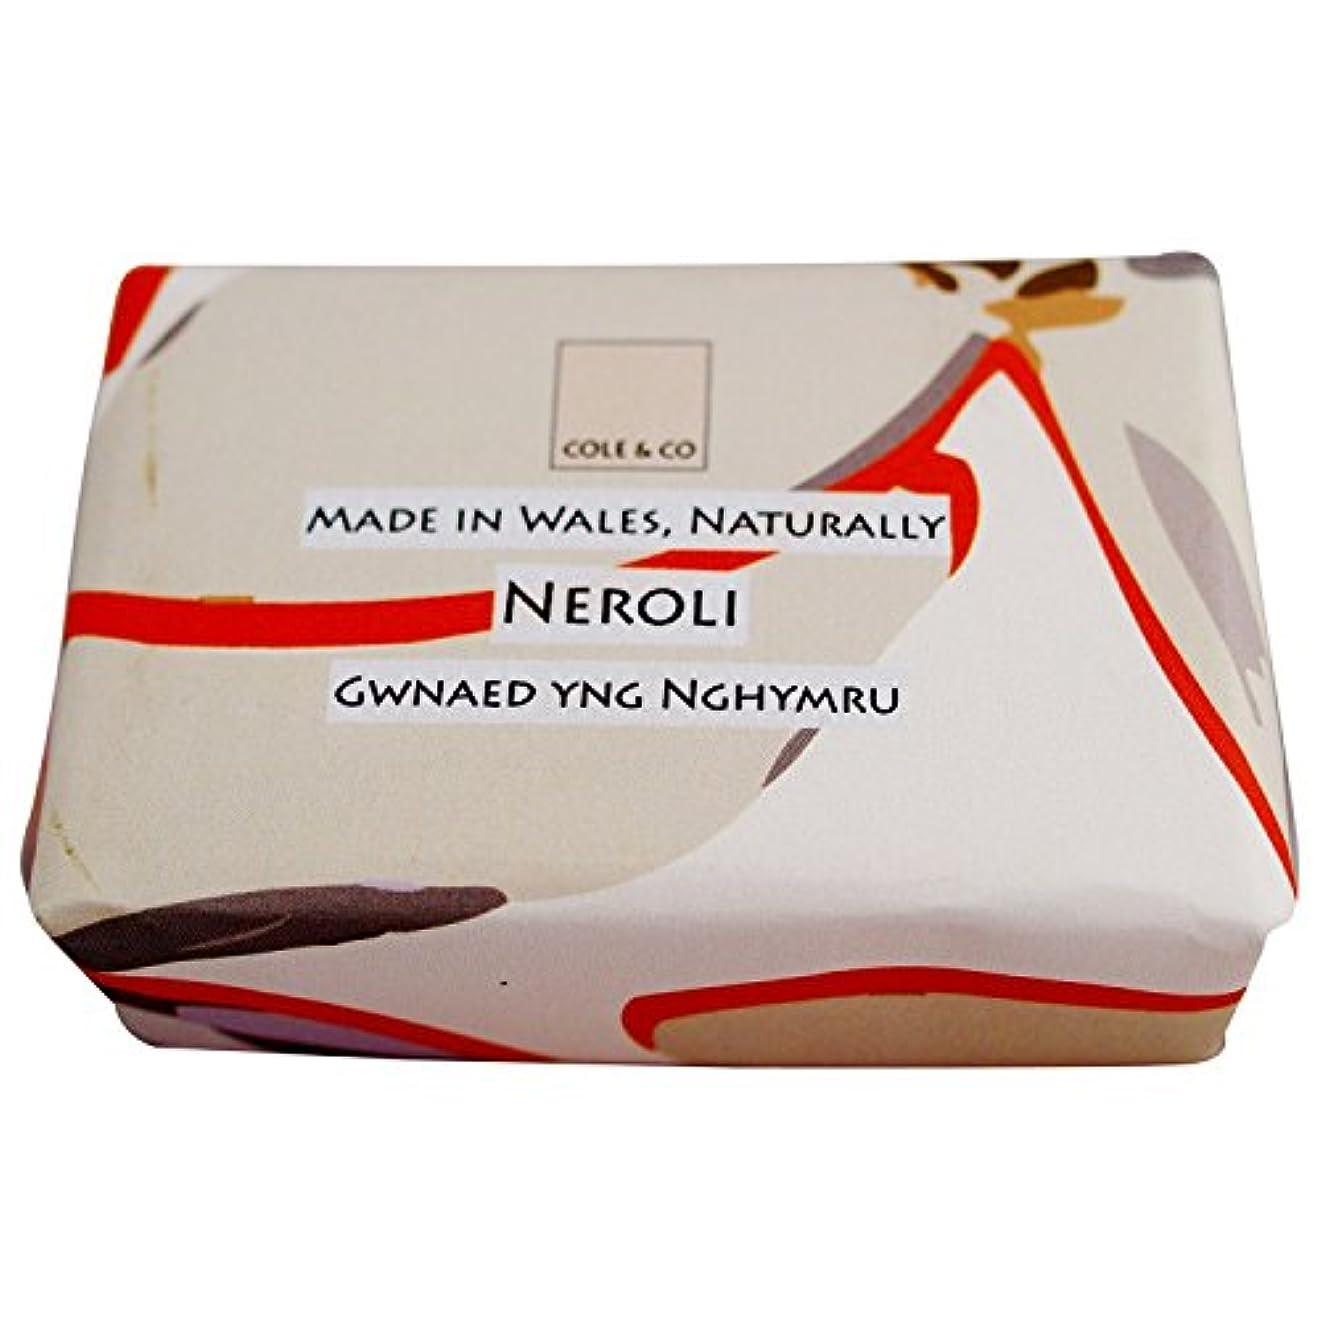 松落花生発動機コール&共同ネロリ石鹸80グラム (Cole & Co) (x2) - Cole & Co Neroli Soap 80g (Pack of 2) [並行輸入品]